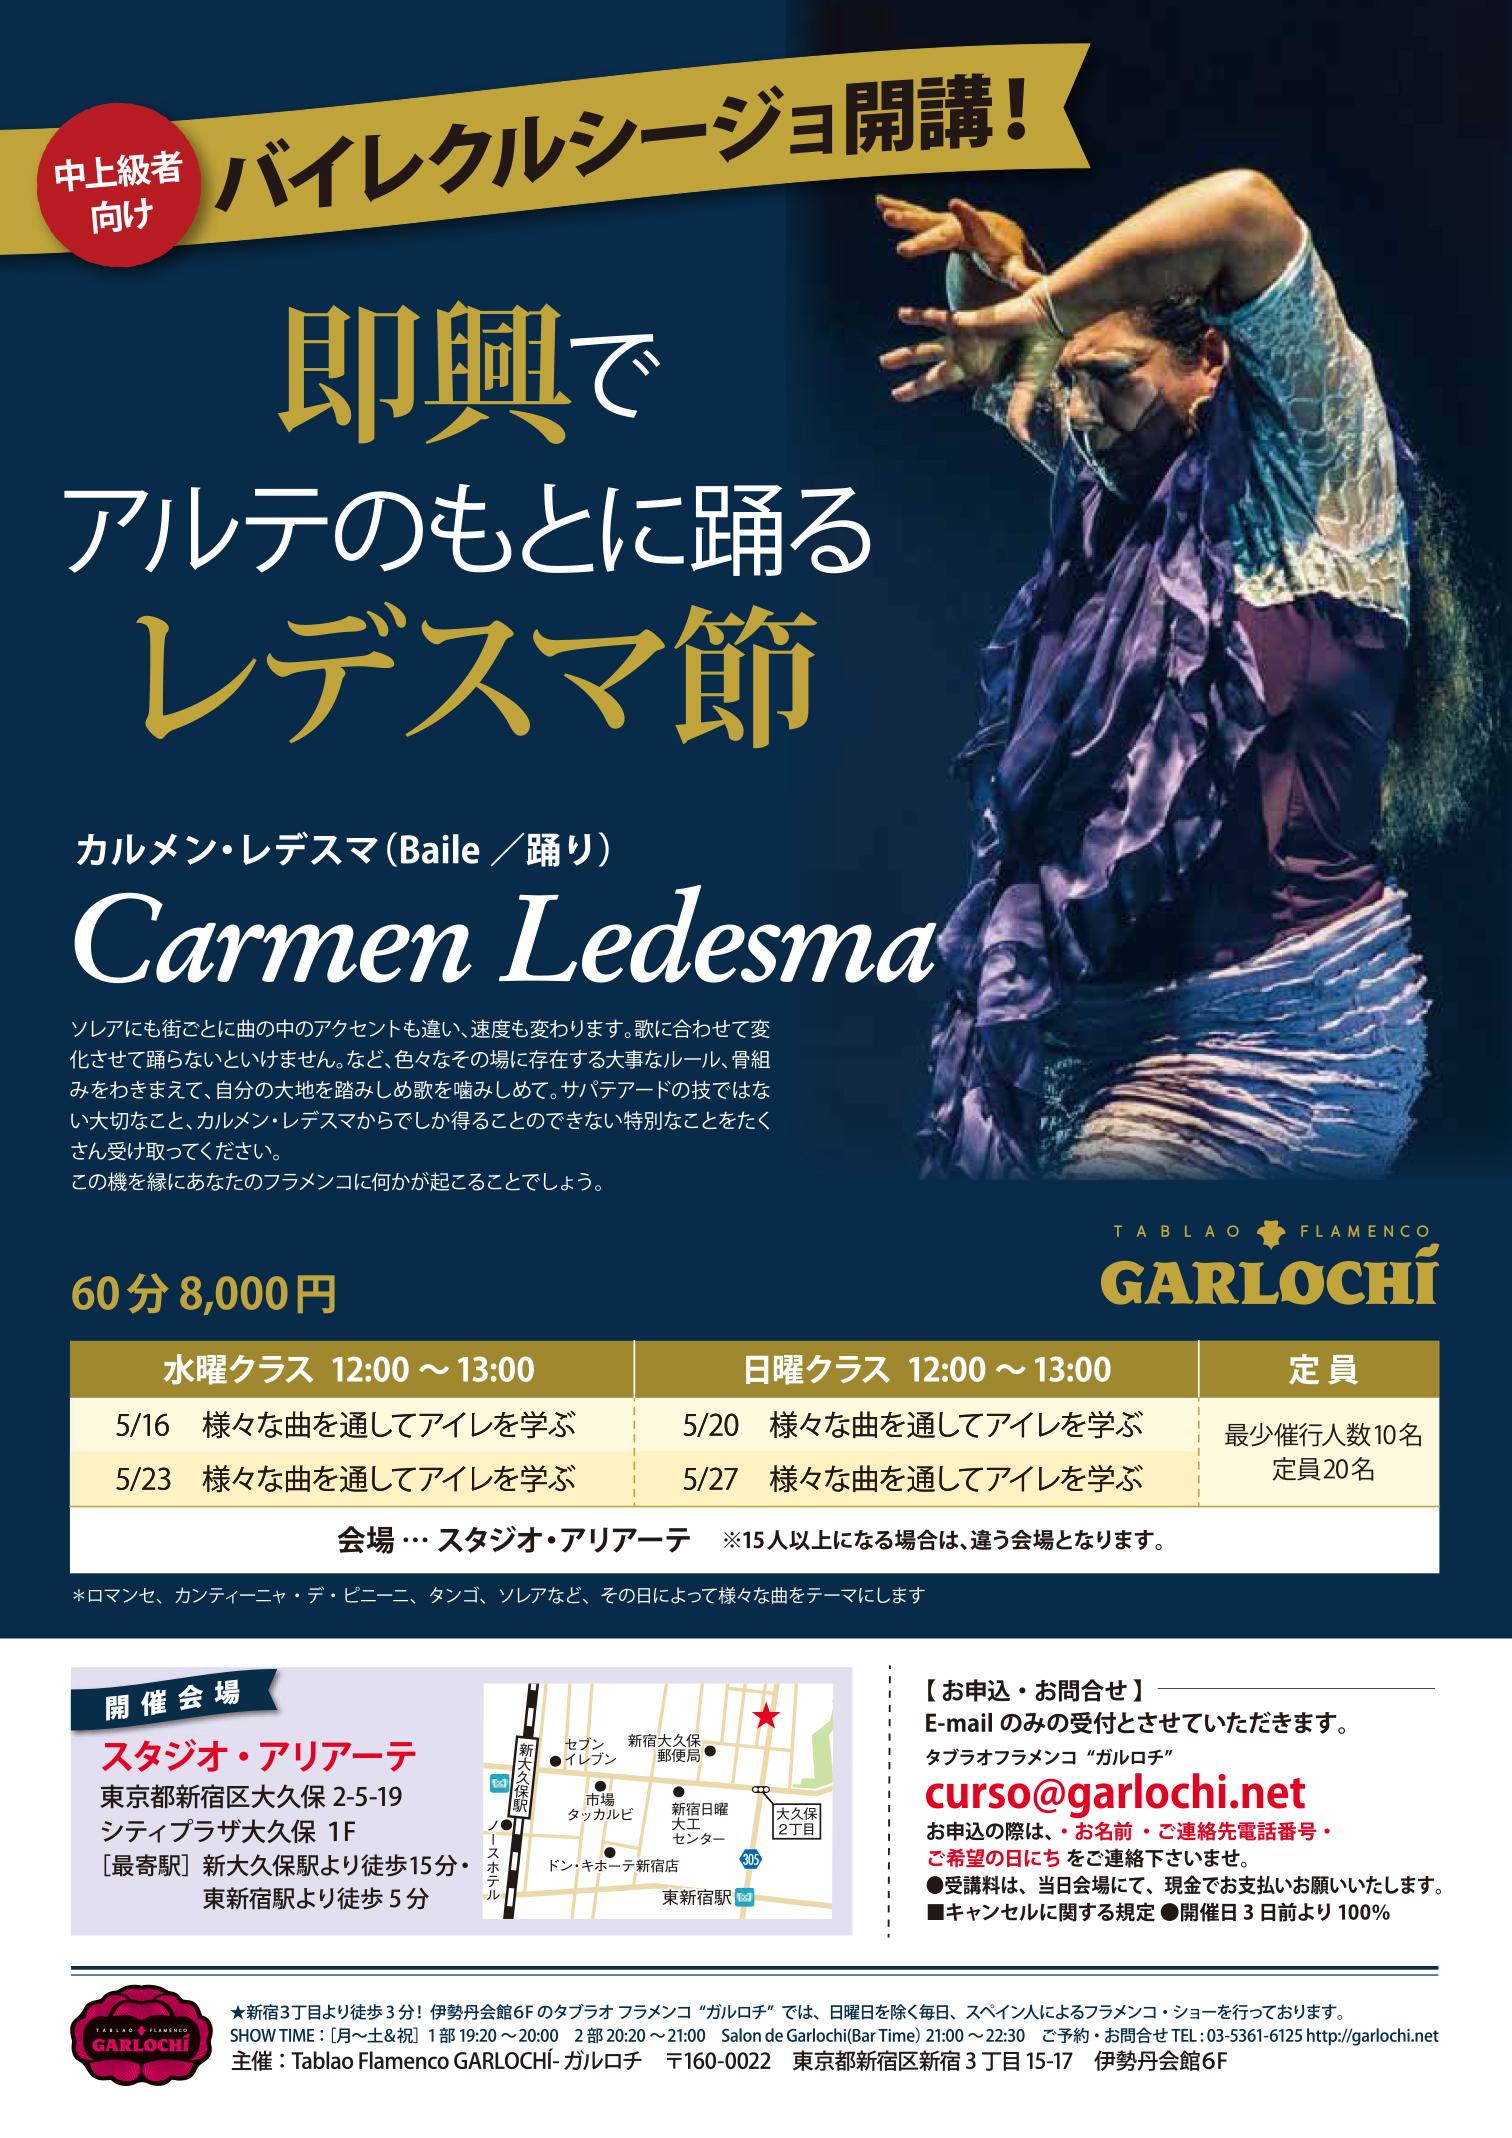 中上級者向け カルメン・レデスマによるバイレクルシージョ開講!5/16、5/20、5/23、5/27